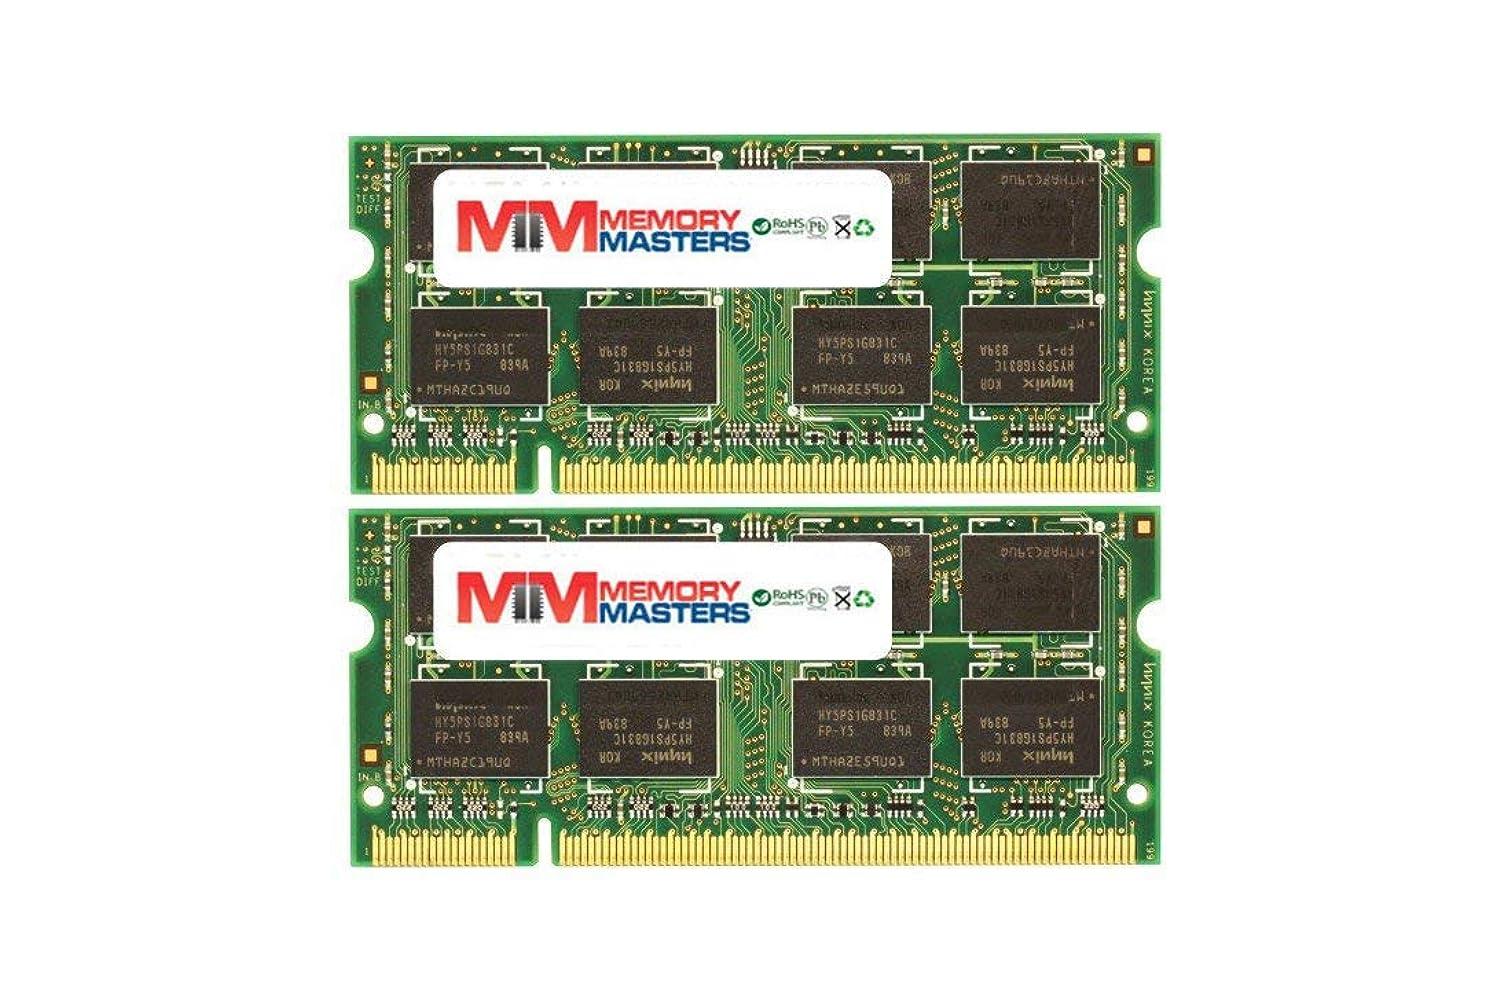 今たまに採用するMemoryMasters。 16GB 2 X 8GB DDR3 PC3-10600 SODIMM PC10600 1333MHz ラップトップメモリRAM